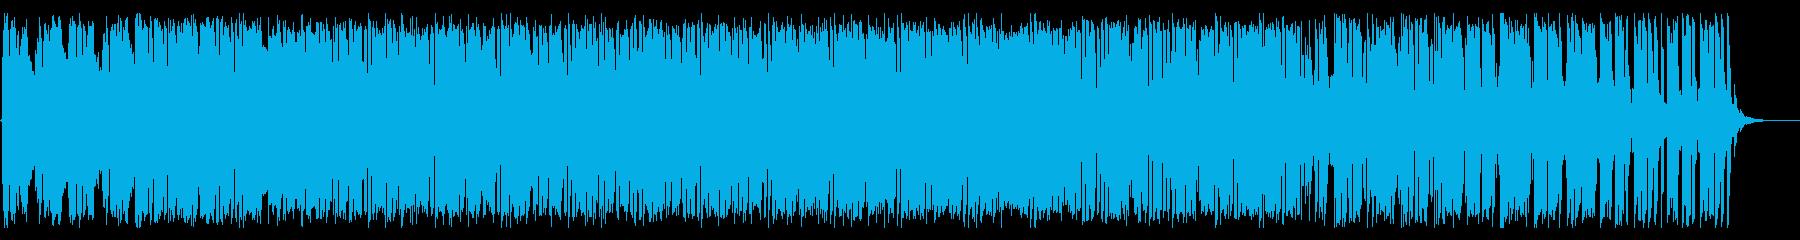 スピード感のあるクールなエレクトロニカの再生済みの波形